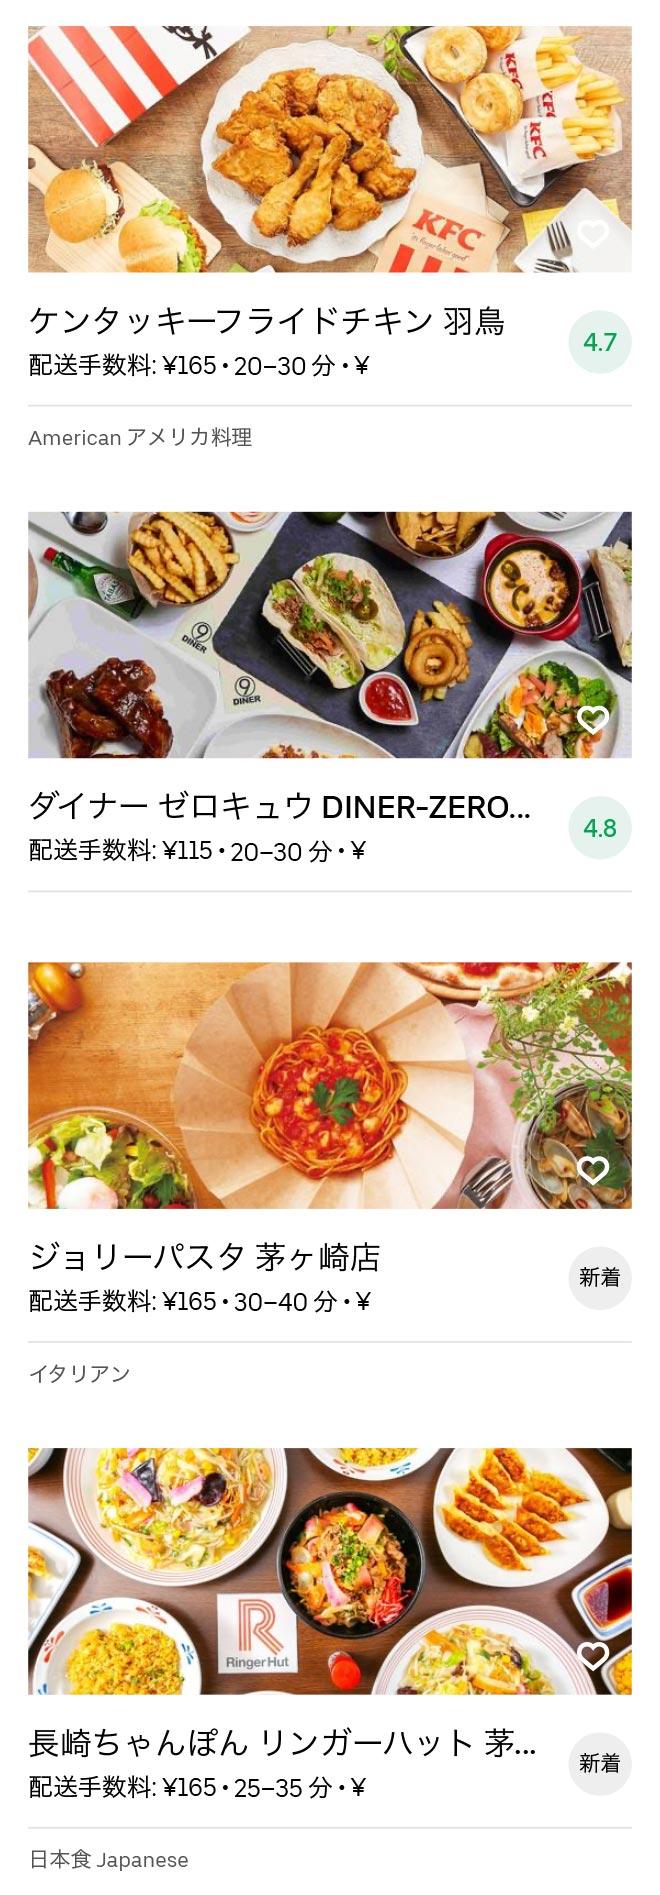 Tsujido menu 2008 02